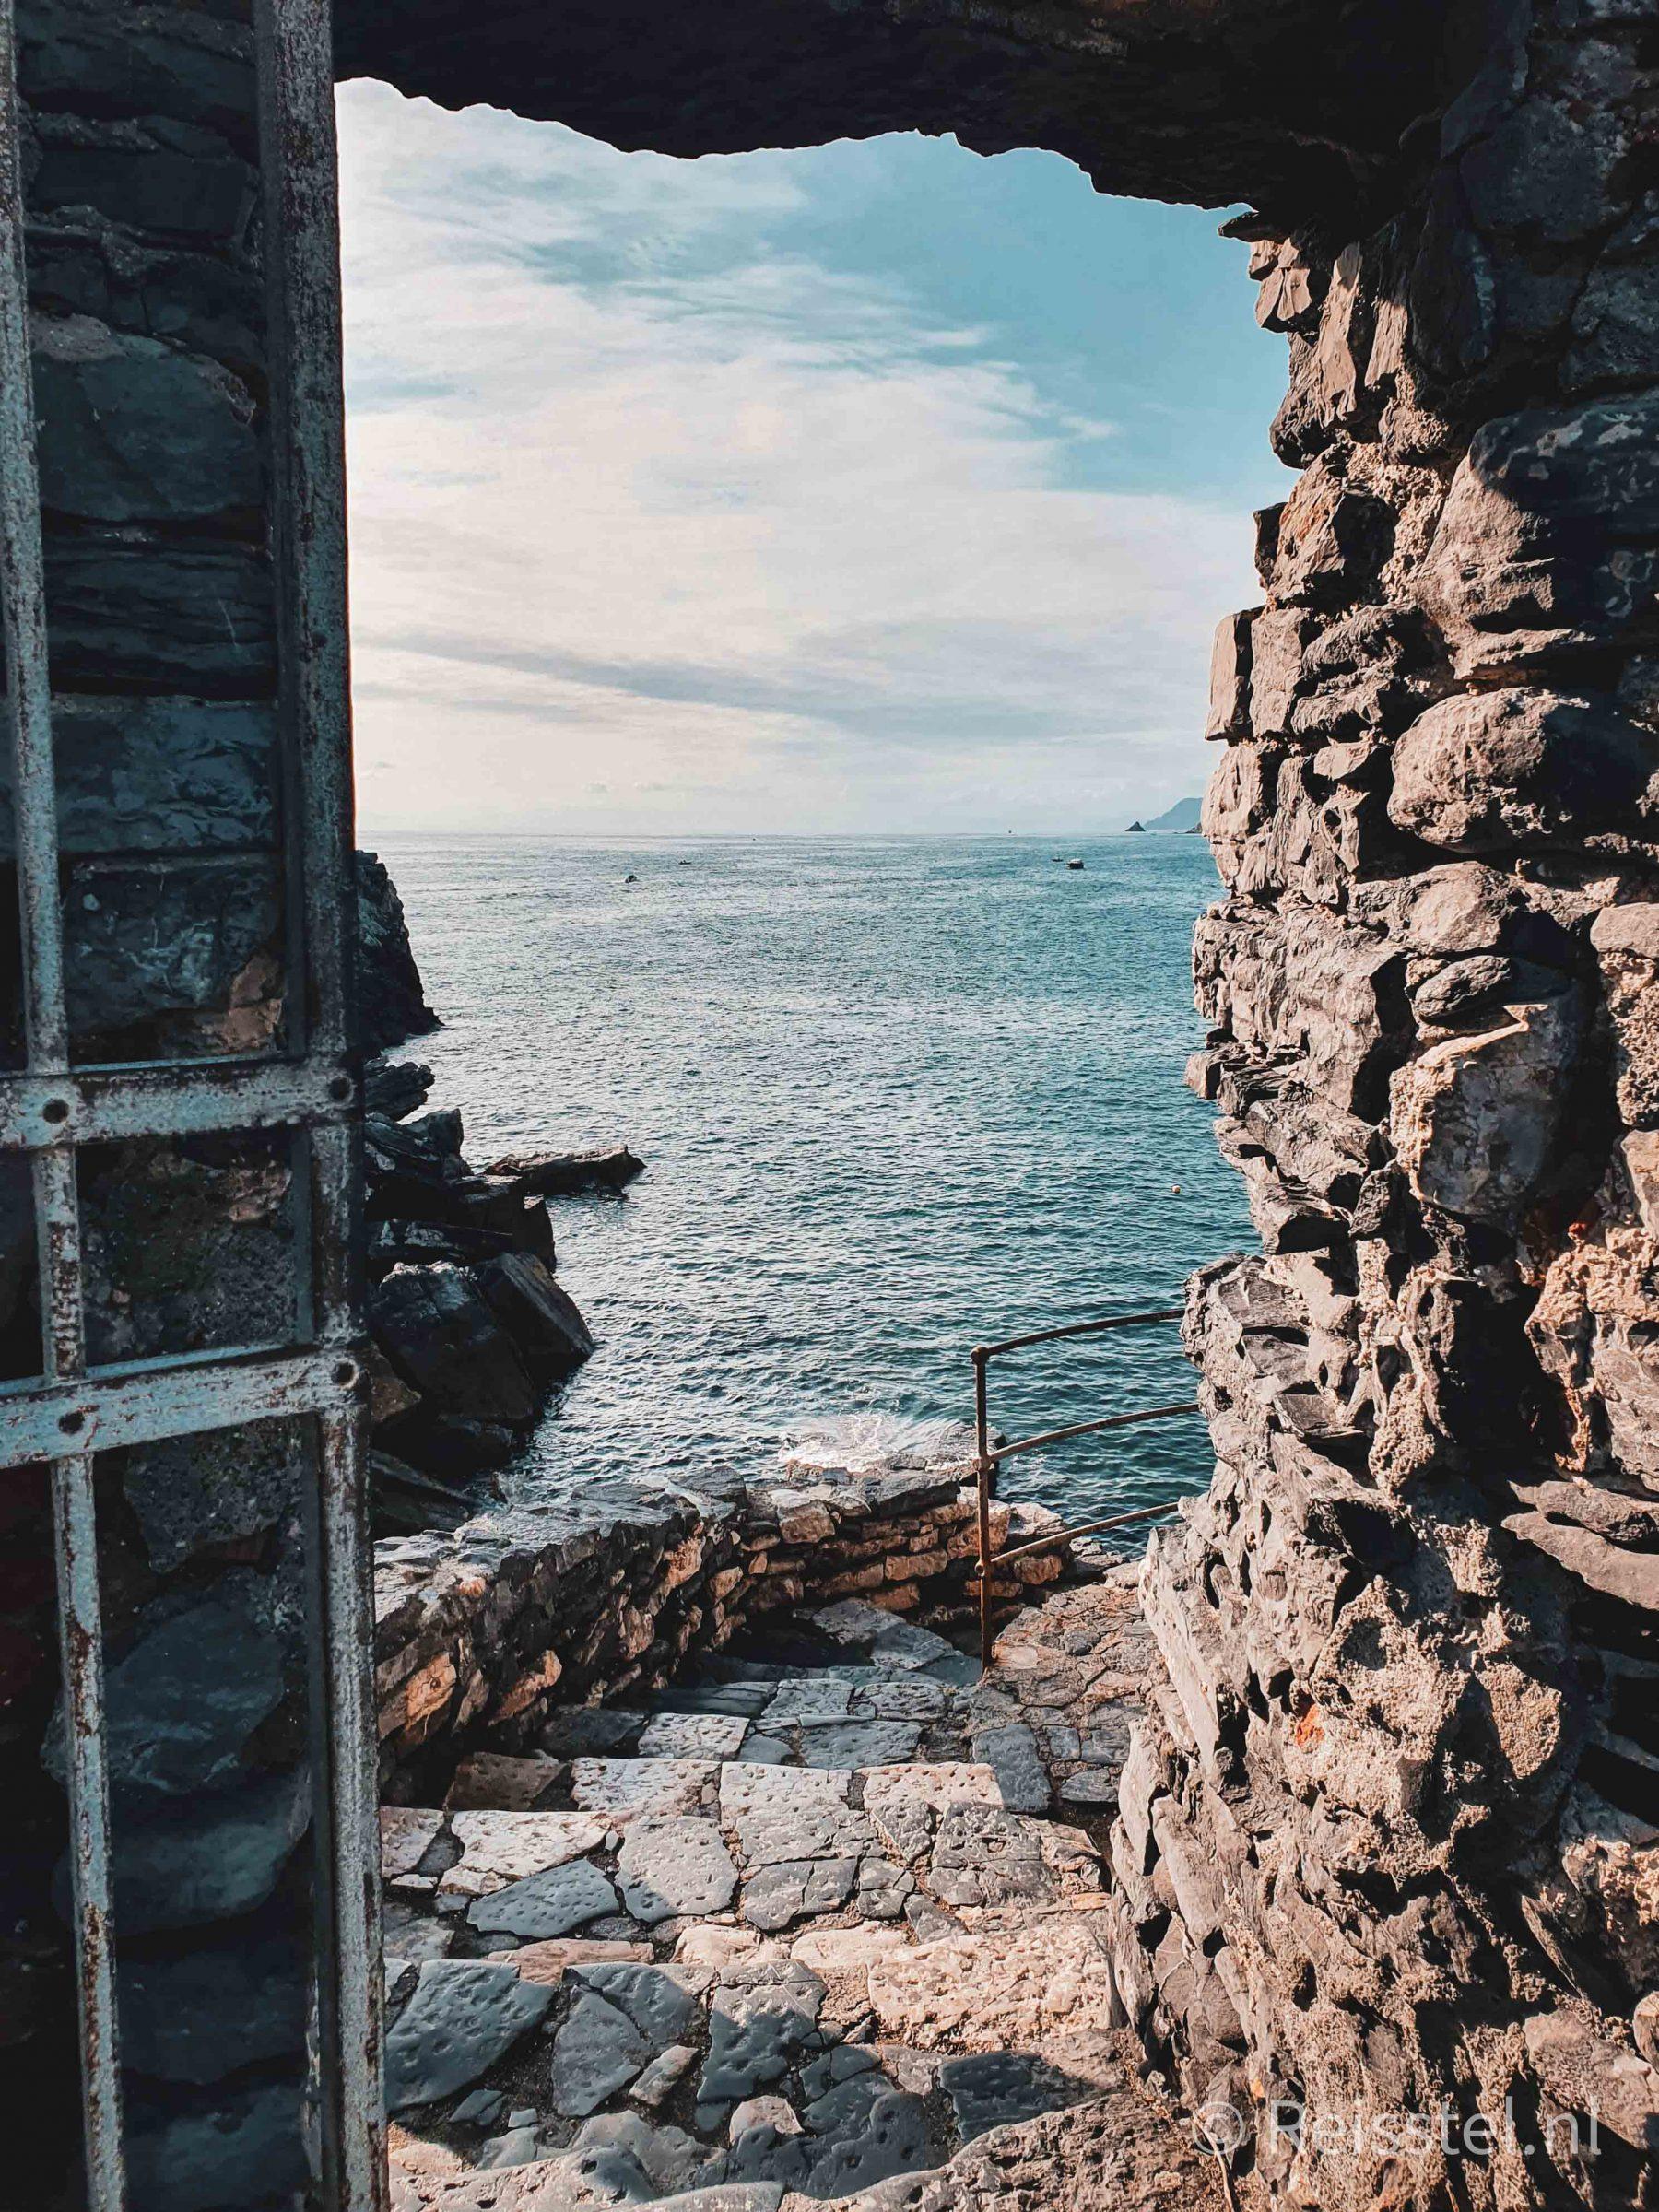 ontdek Cinque Terre | 2 daagse hike | doorkijkje Portovenere